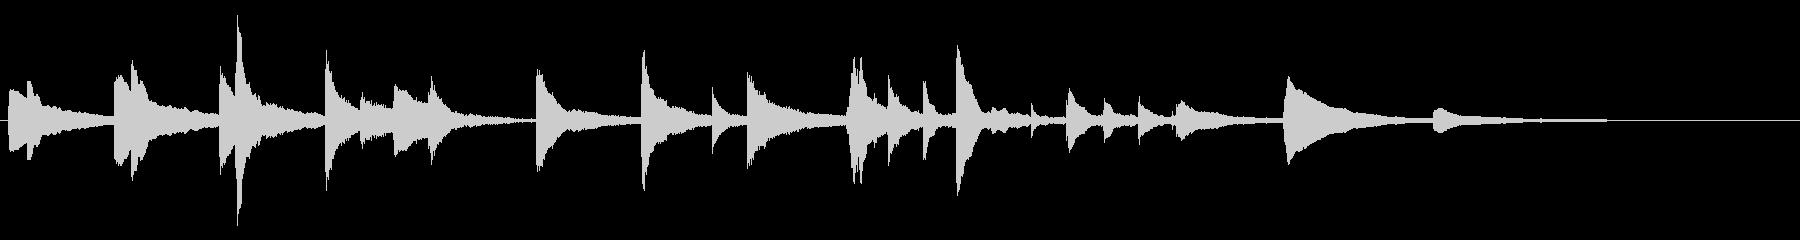 アンビエント、ヒーリング系ピアノジングルの未再生の波形